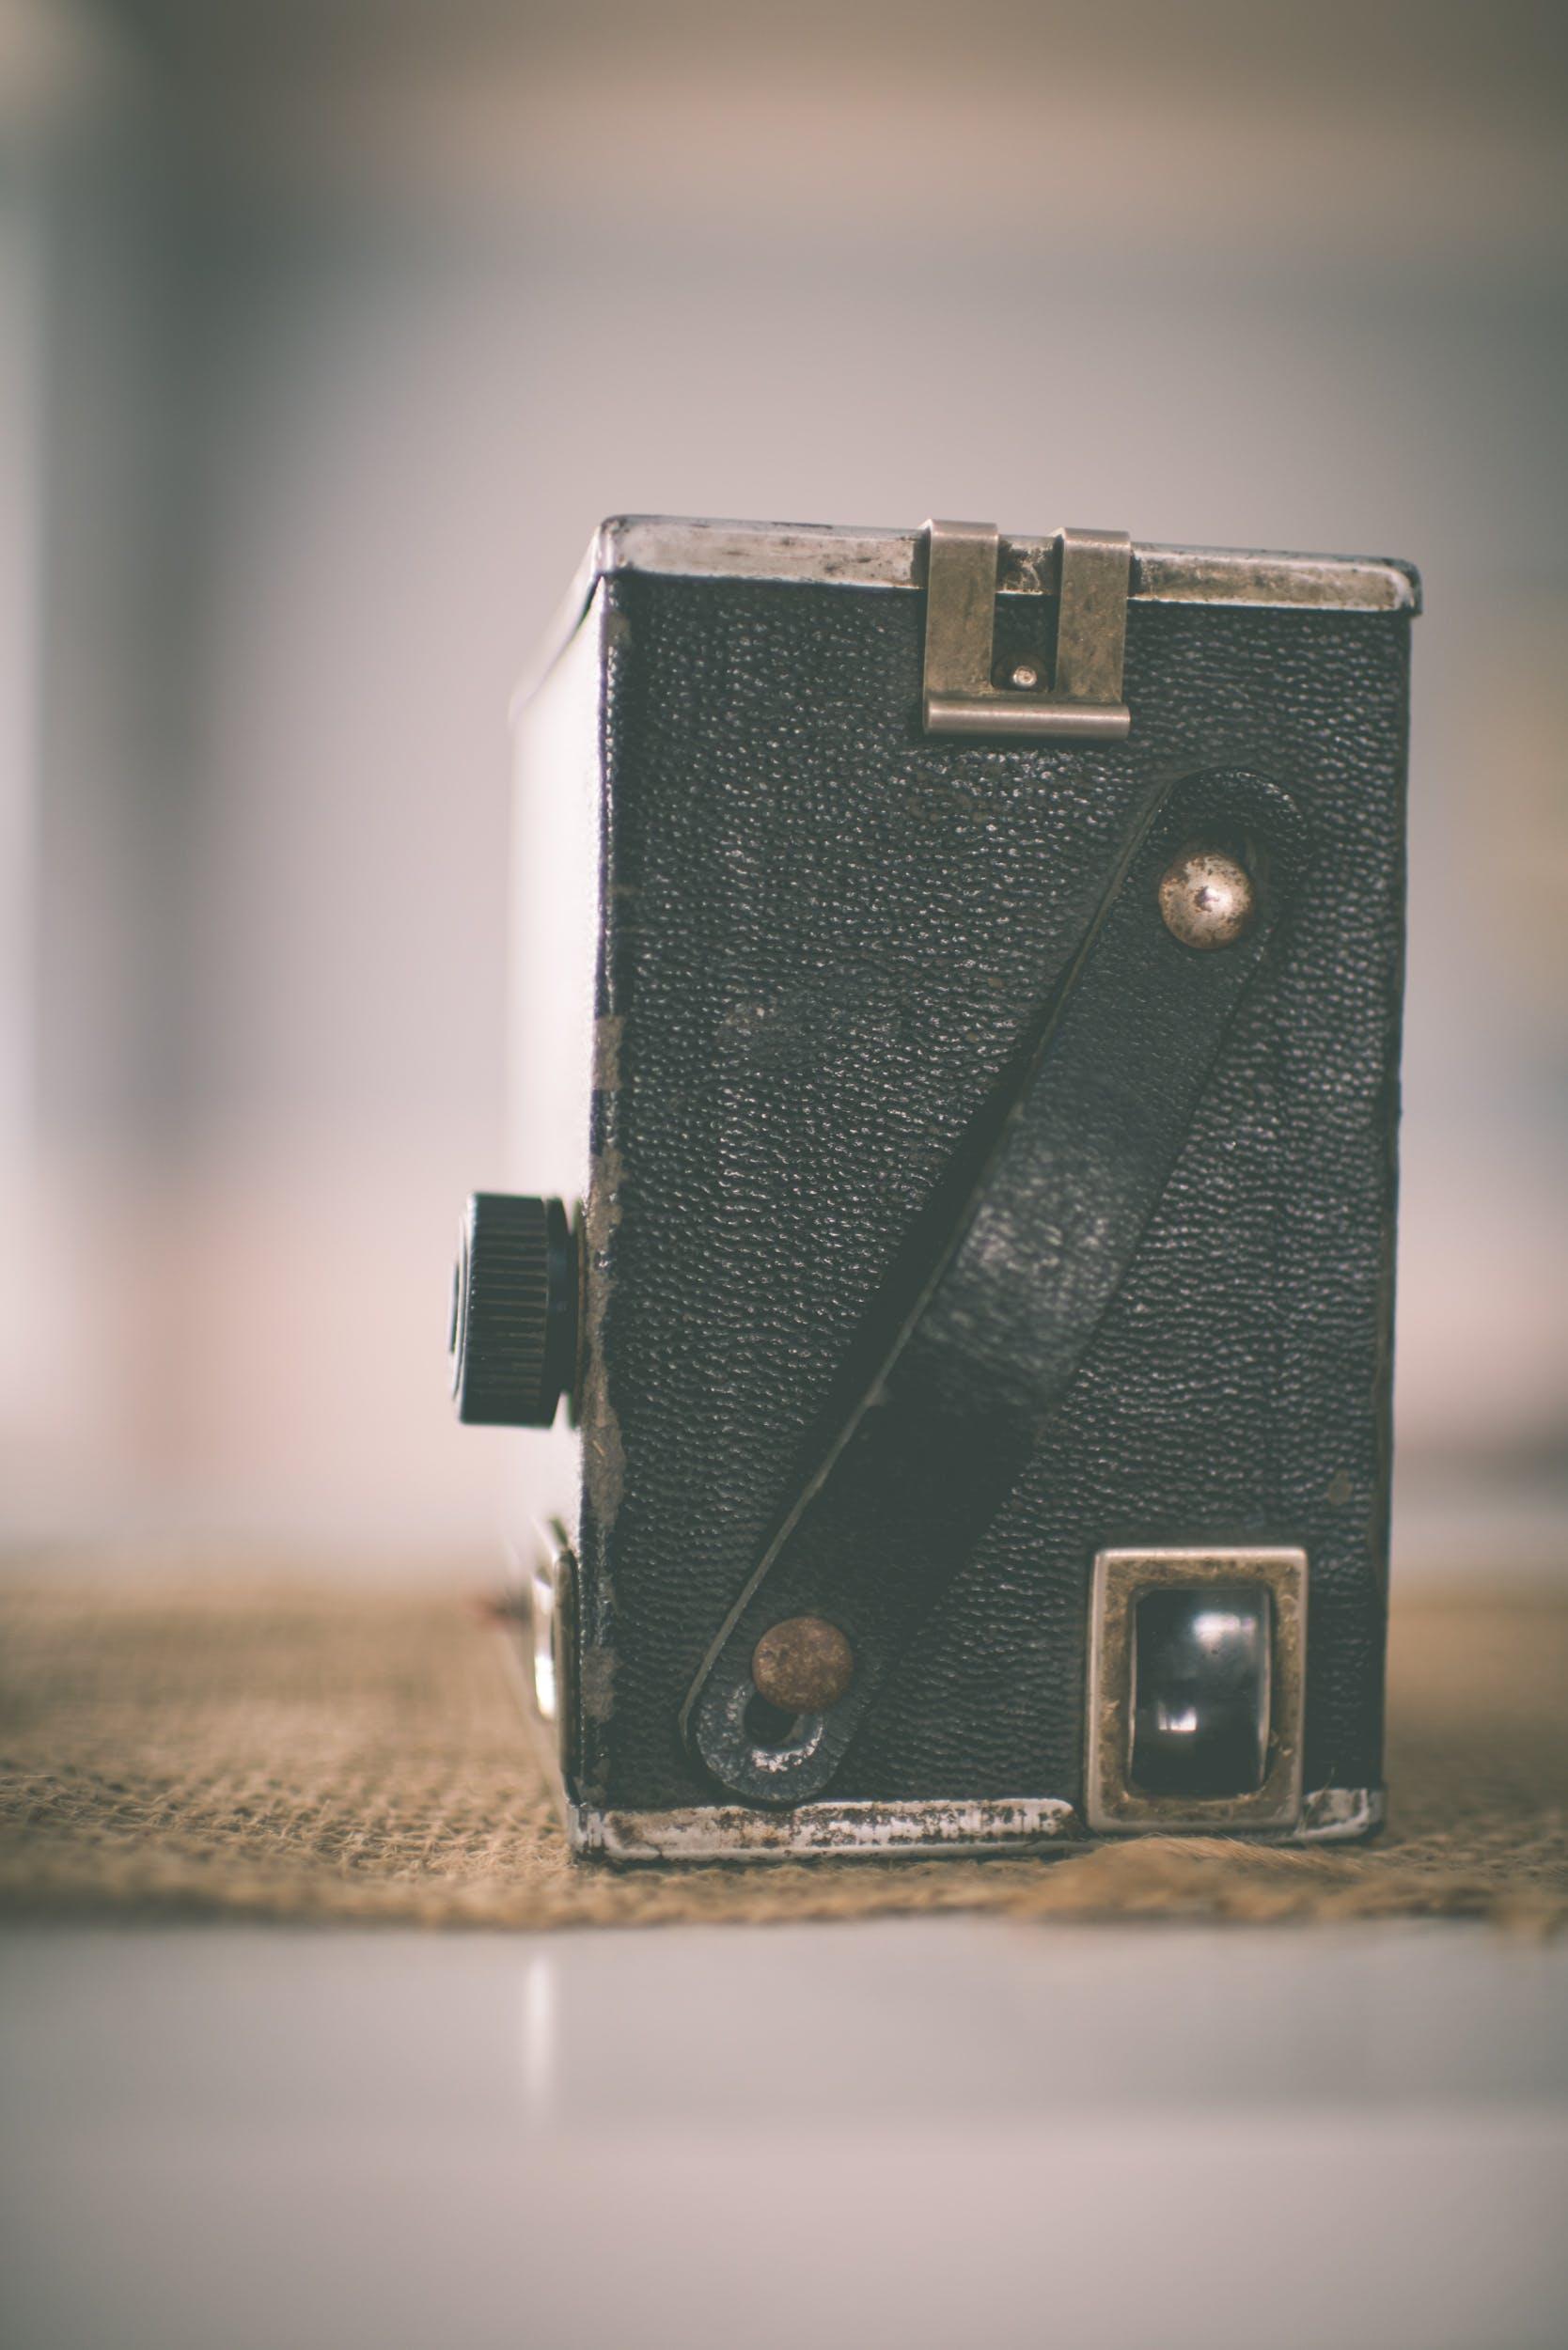 antique, blur, classic